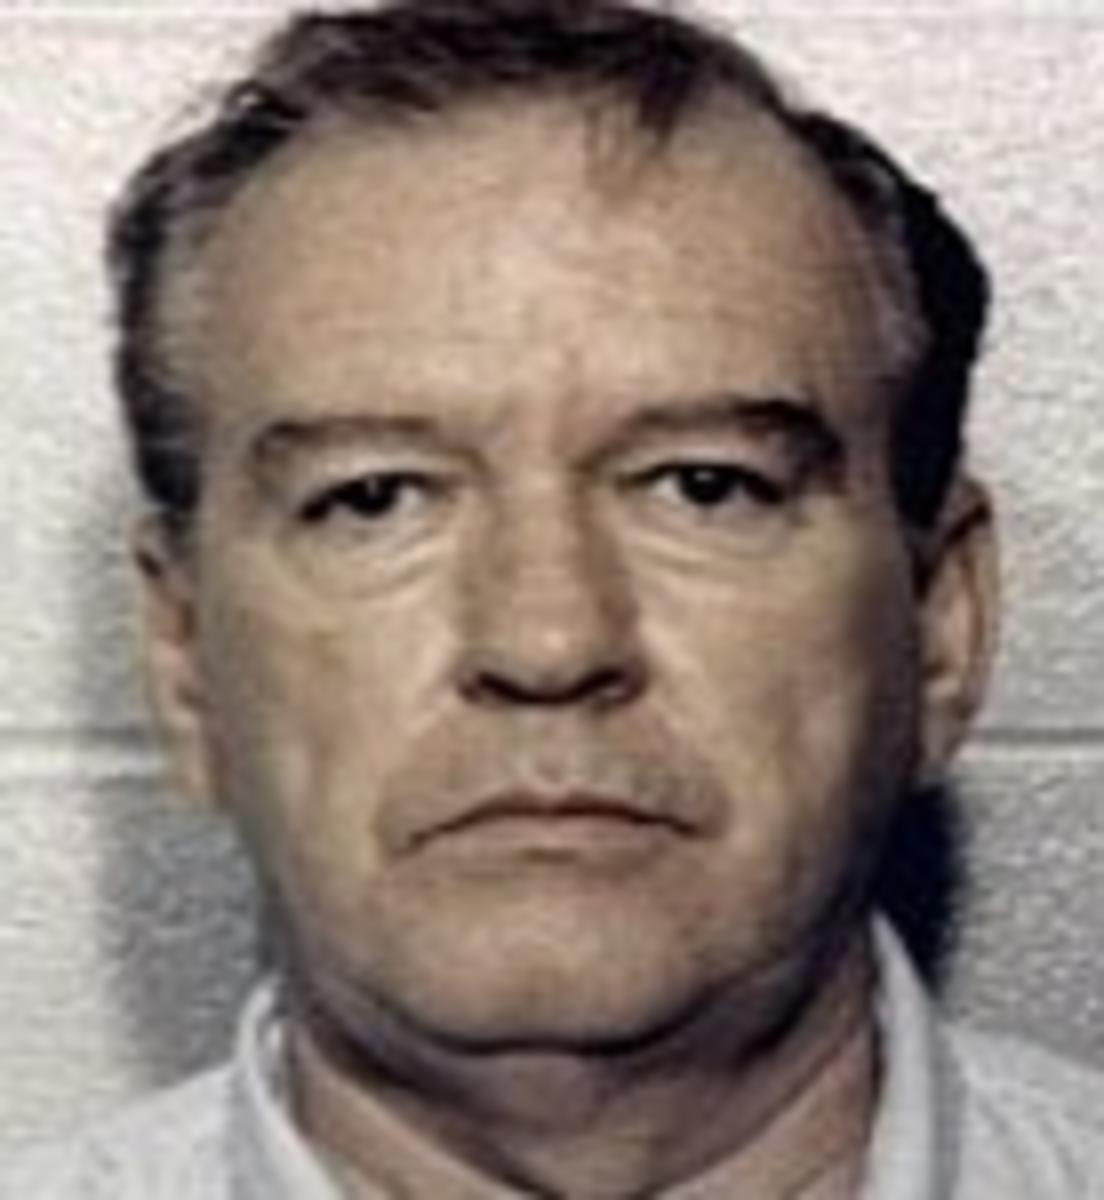 Jack Wayne Reeves